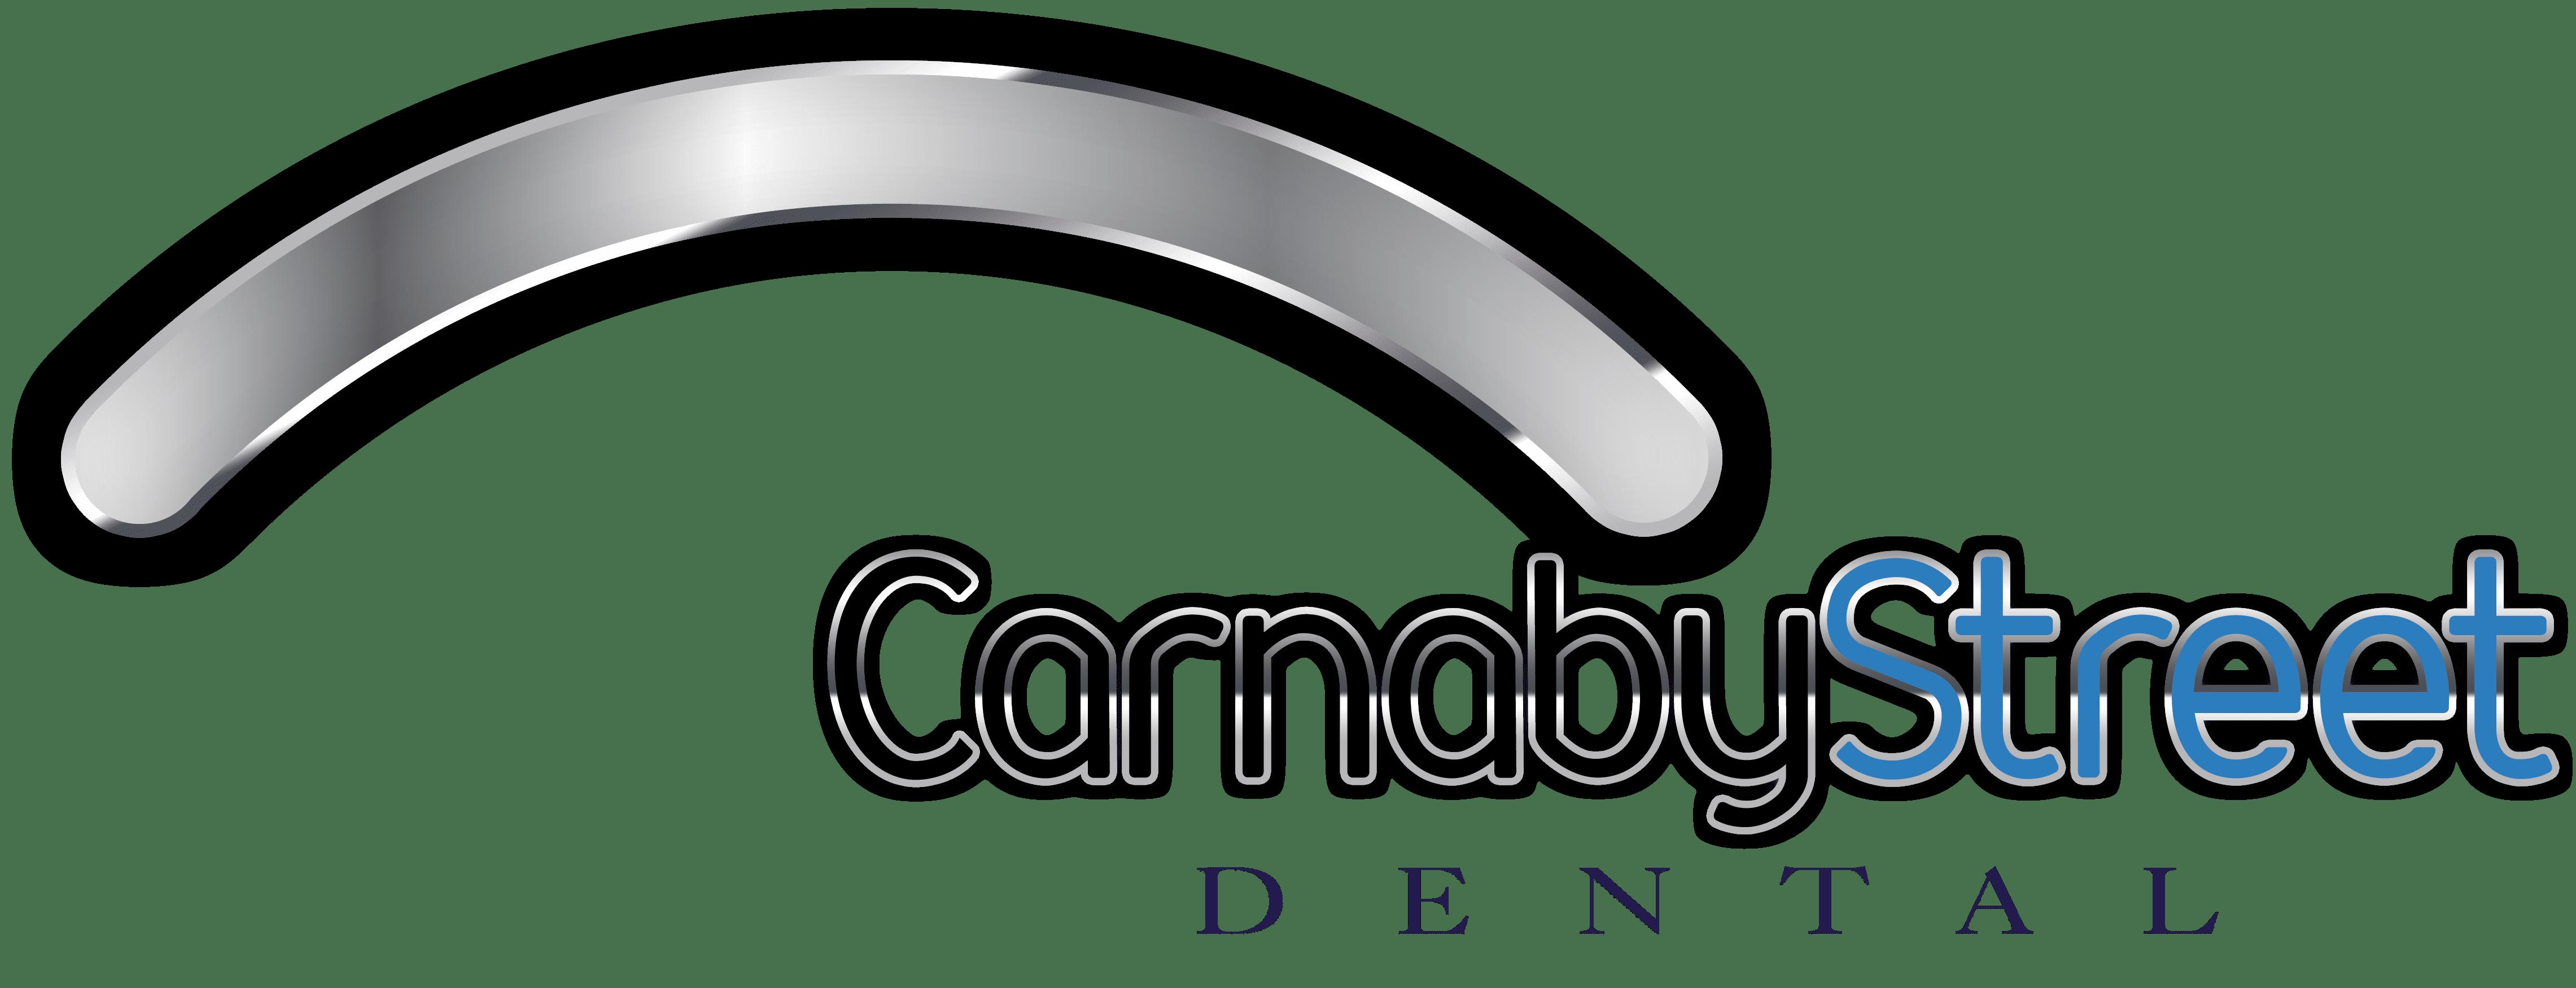 carnabystreet dental logo2